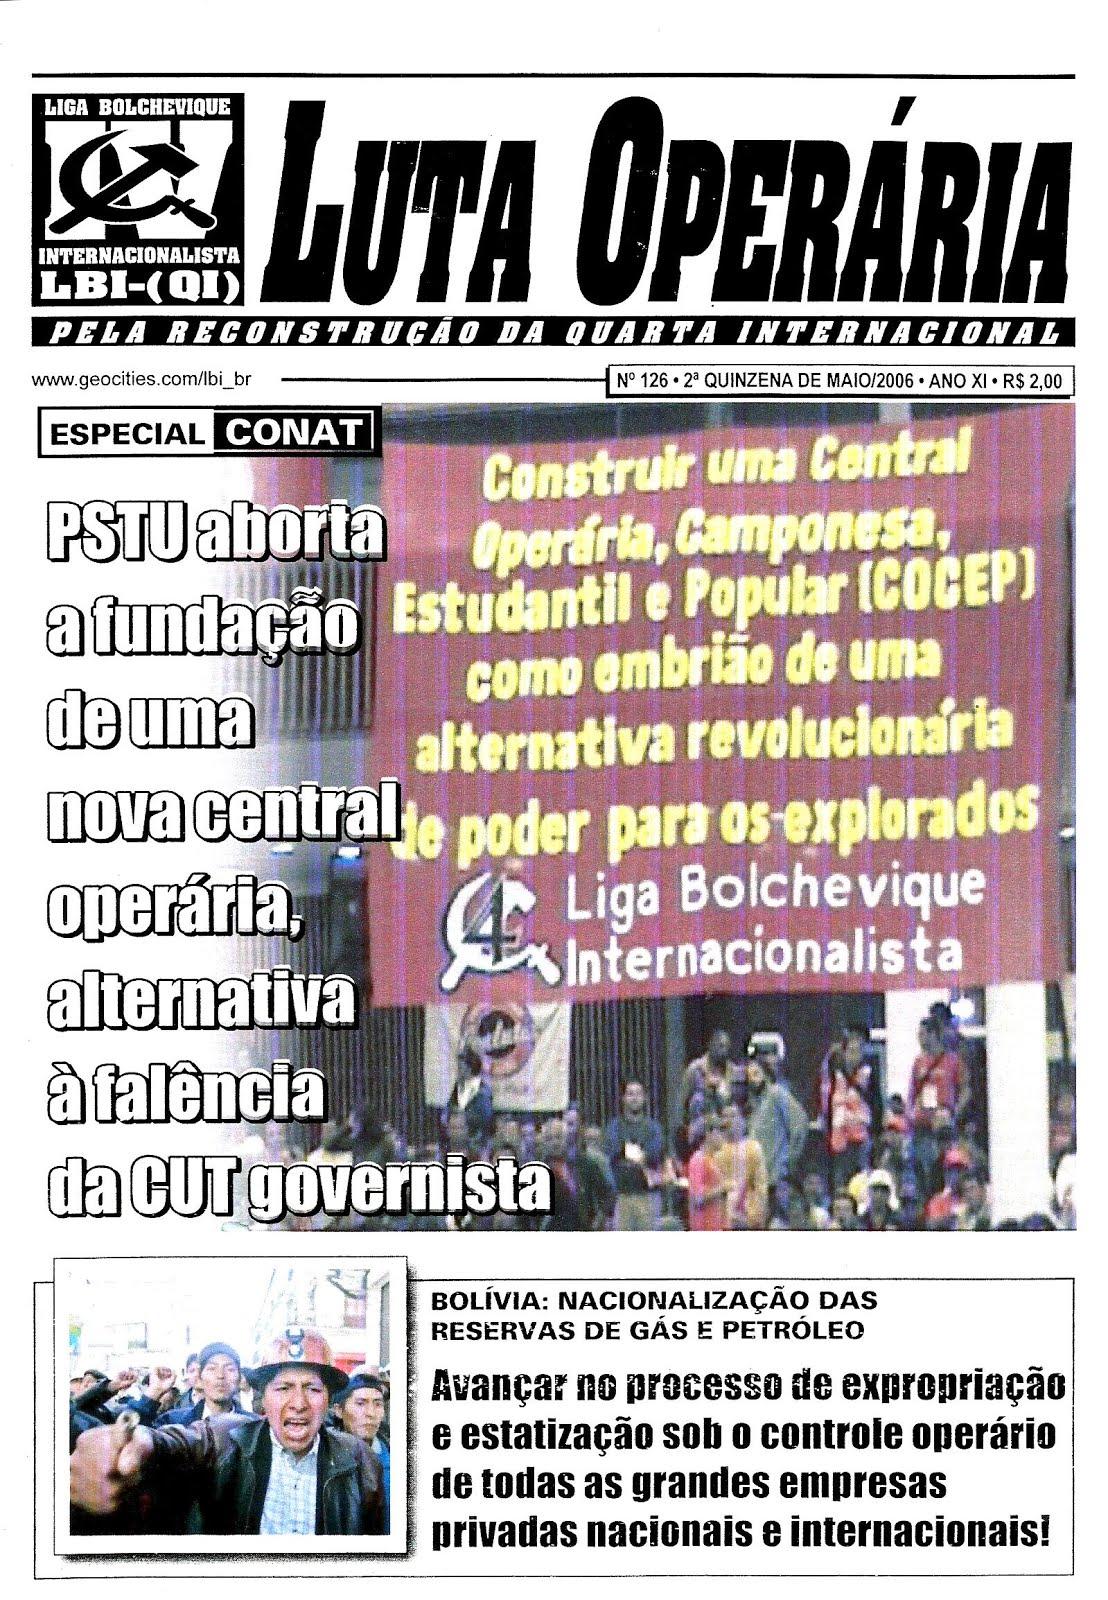 LEIA A EDIÇÃO DO JORNAL LUTA OPERÁRIA Nº 126, 2ª QUINZ. DE MAIO/2006